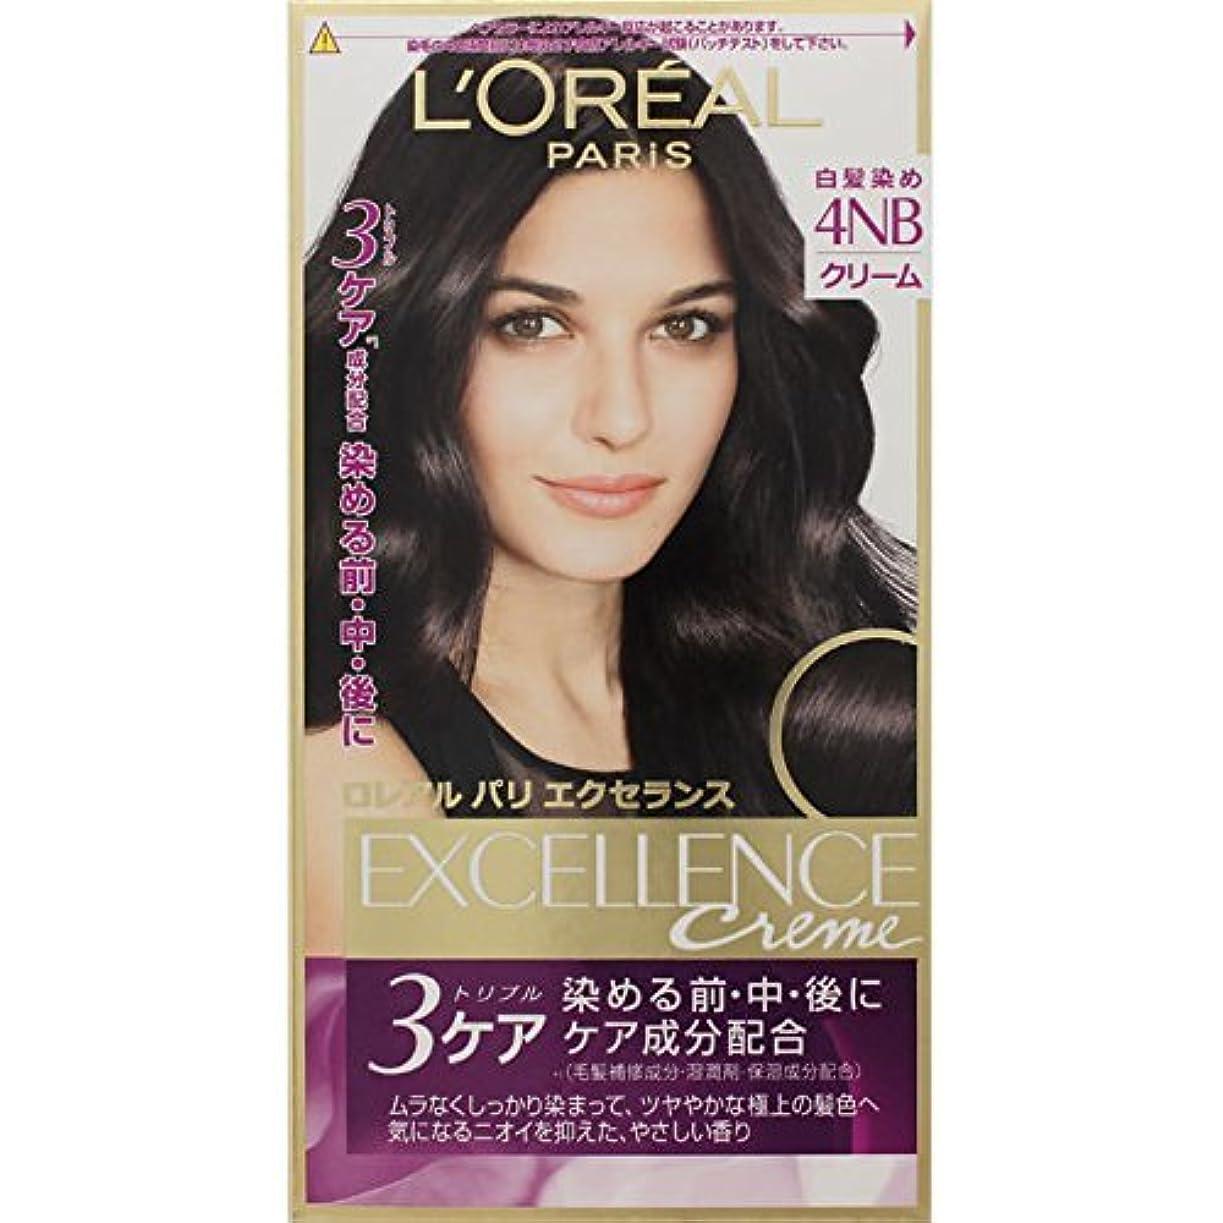 抽象化混乱させる小数ロレアル パリ ヘアカラー 白髪染め エクセランス N クリームタイプ 4NB 深みのある自然な栗色